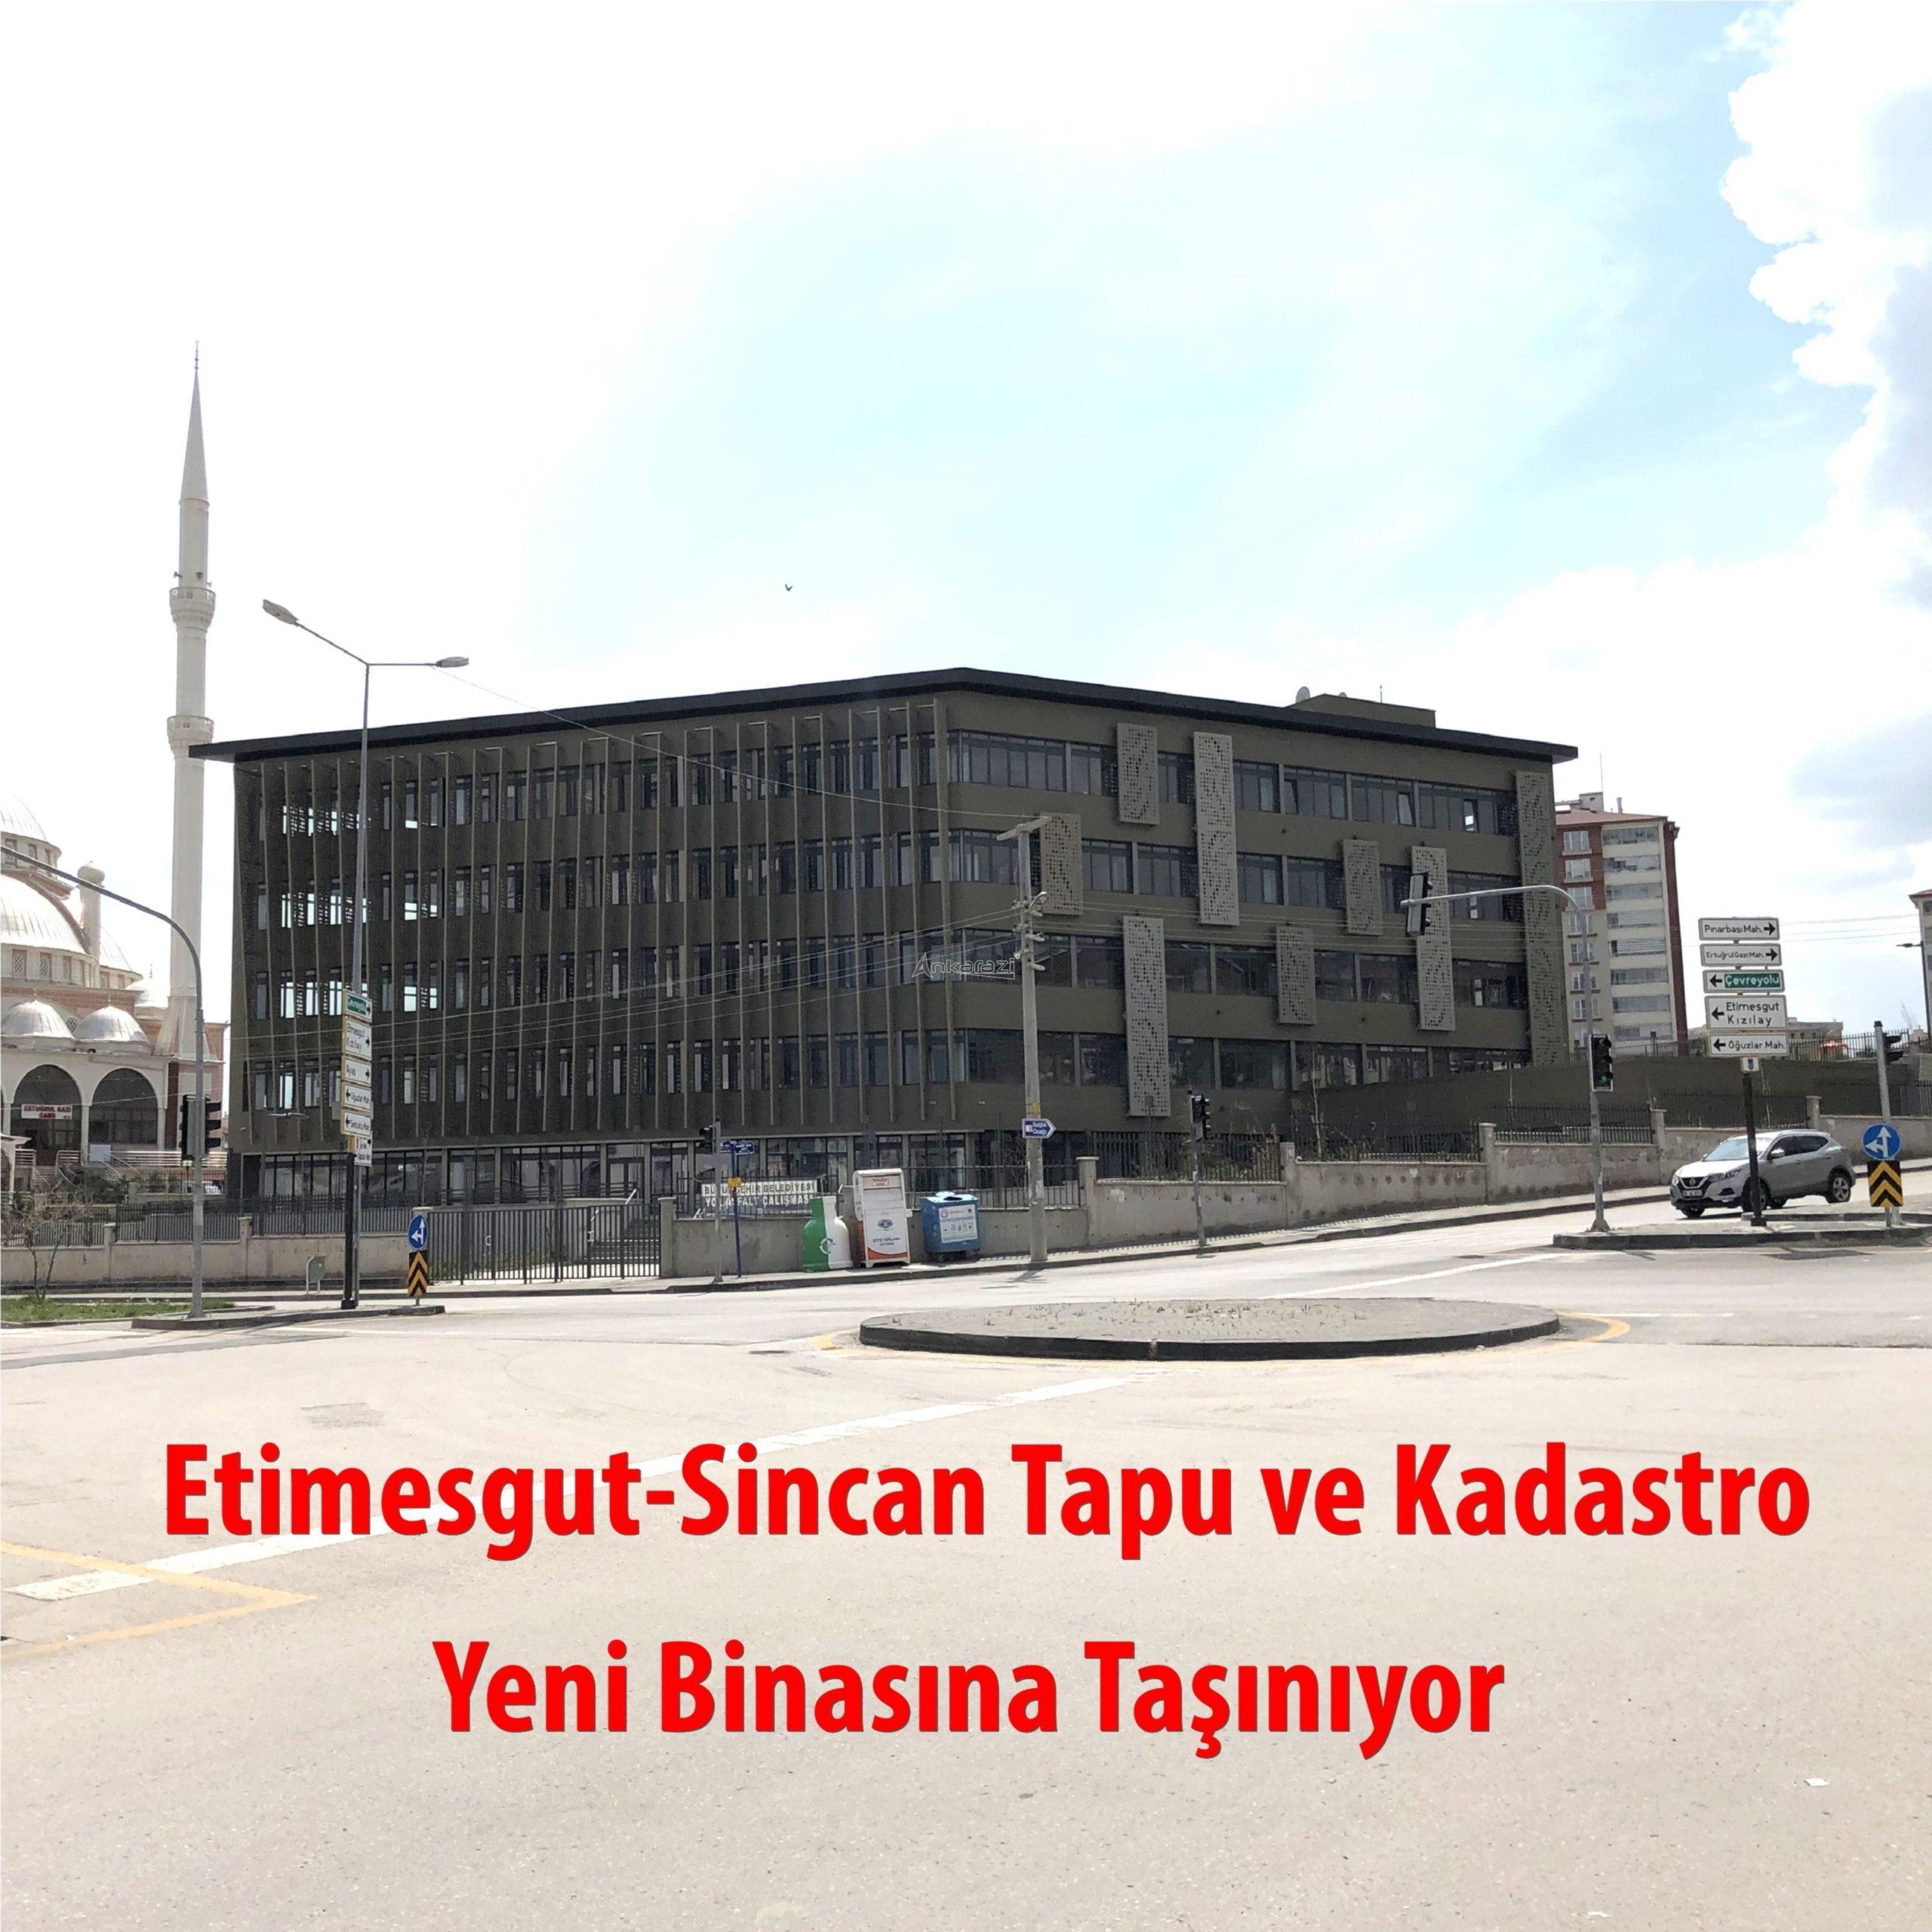 Etimesgut ve Sincan Tapu Müdürlükleri Taşınıyor…